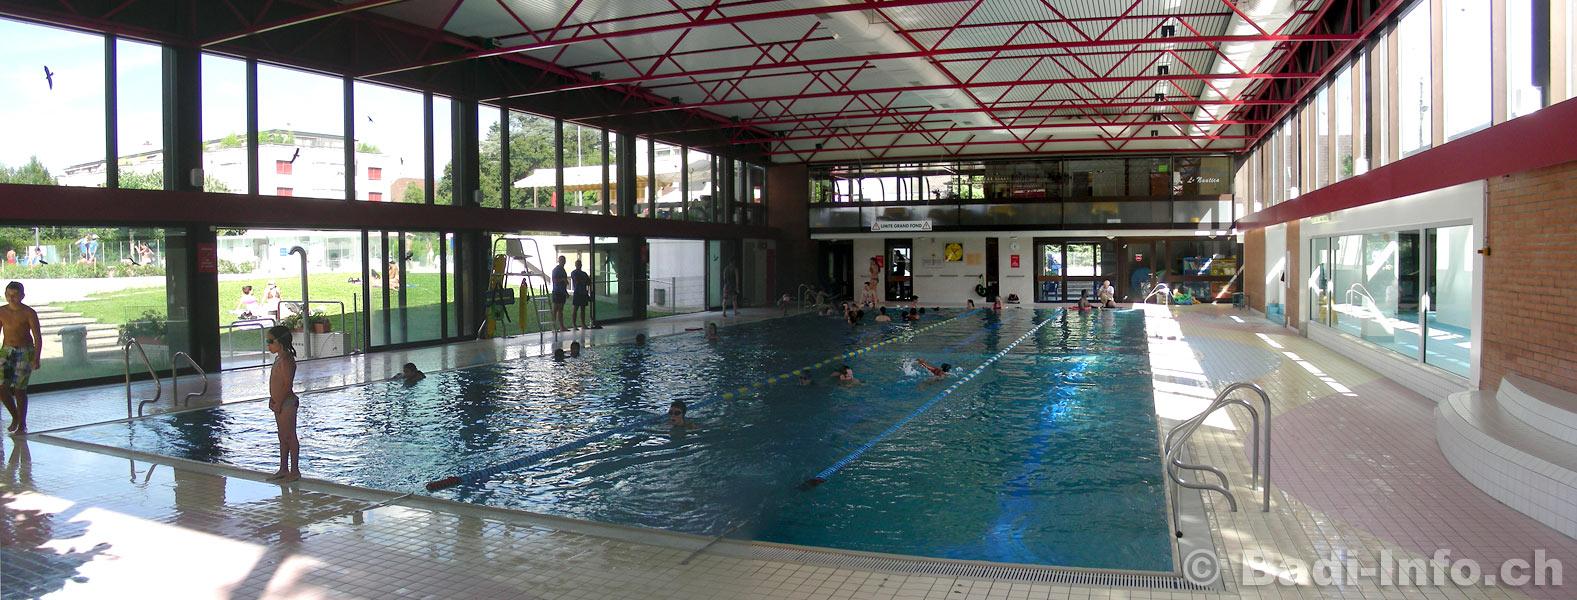 D coration piscine couverte geneve 72 calais hotel for Piscine miroir vaucluse